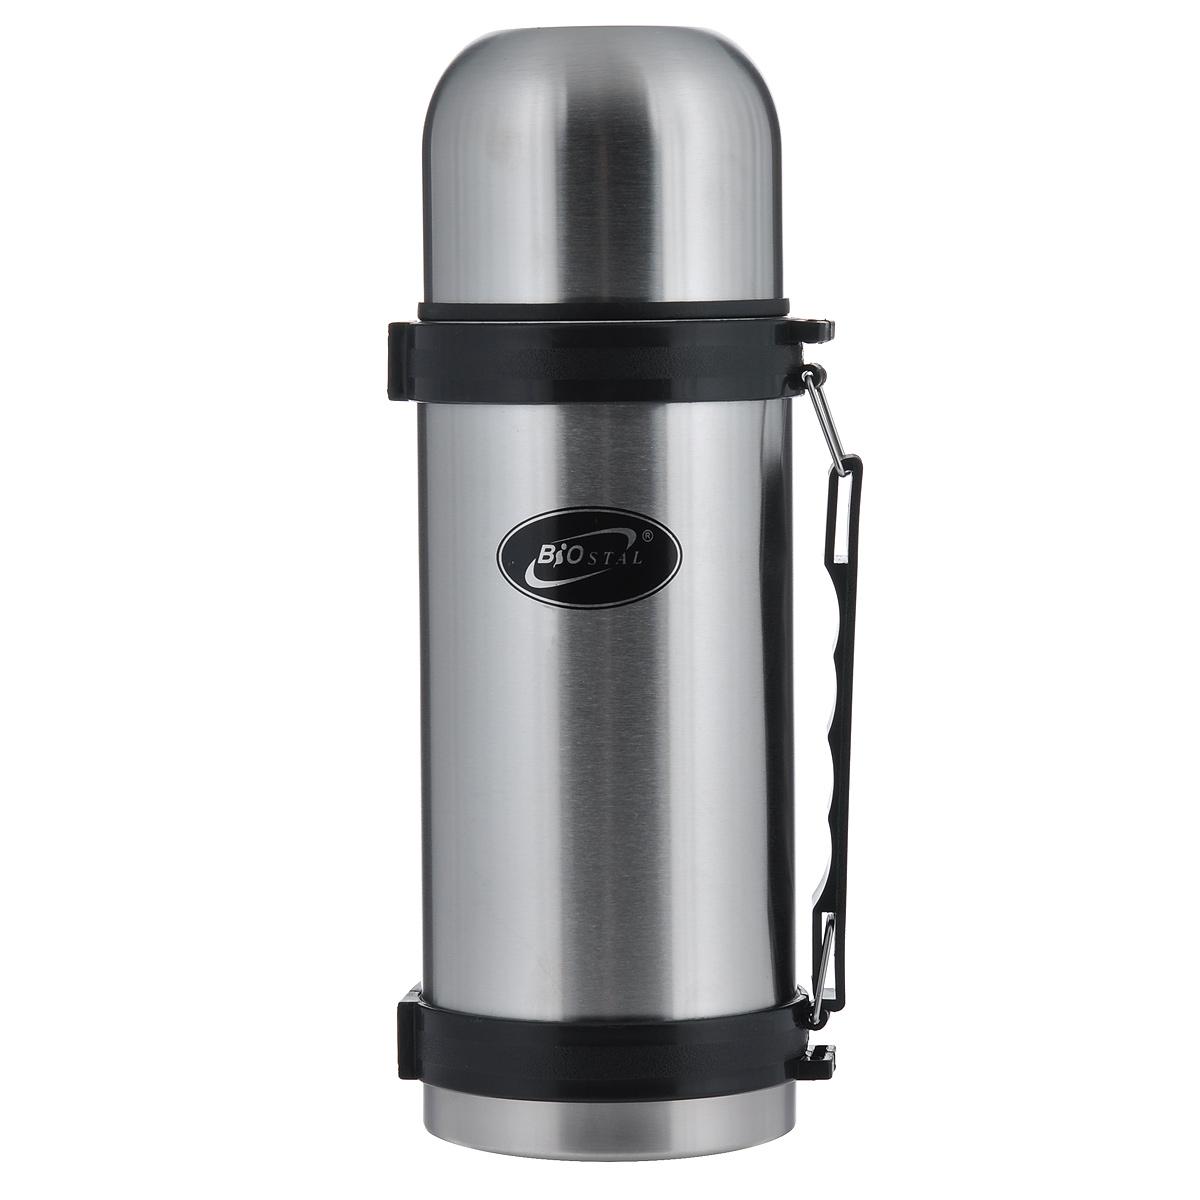 Термос BIOSTAL, 1 л. NY-1000-2NY-1000-2Термос с узким горлом BIOSTAL, изготовленный из высококачественной нержавеющей стали, относится к классической серии. Термосы этой серии, являющейся лидером продаж, просты в использовании, экономичны и многофункциональны. Термос предназначен для хранения горячих и холодных напитков (чая, кофе) и укомплектован пробкой с кнопкой. Такая пробка удобна в использовании и позволяет, не отвинчивая ее, наливать напитки после простого нажатия. Изделие также оснащено крышкой-чашкой, и удобной пластиковой ручкой. Легкий и прочный термос BIOSTAL сохранит ваши напитки горячими или холодными надолго.